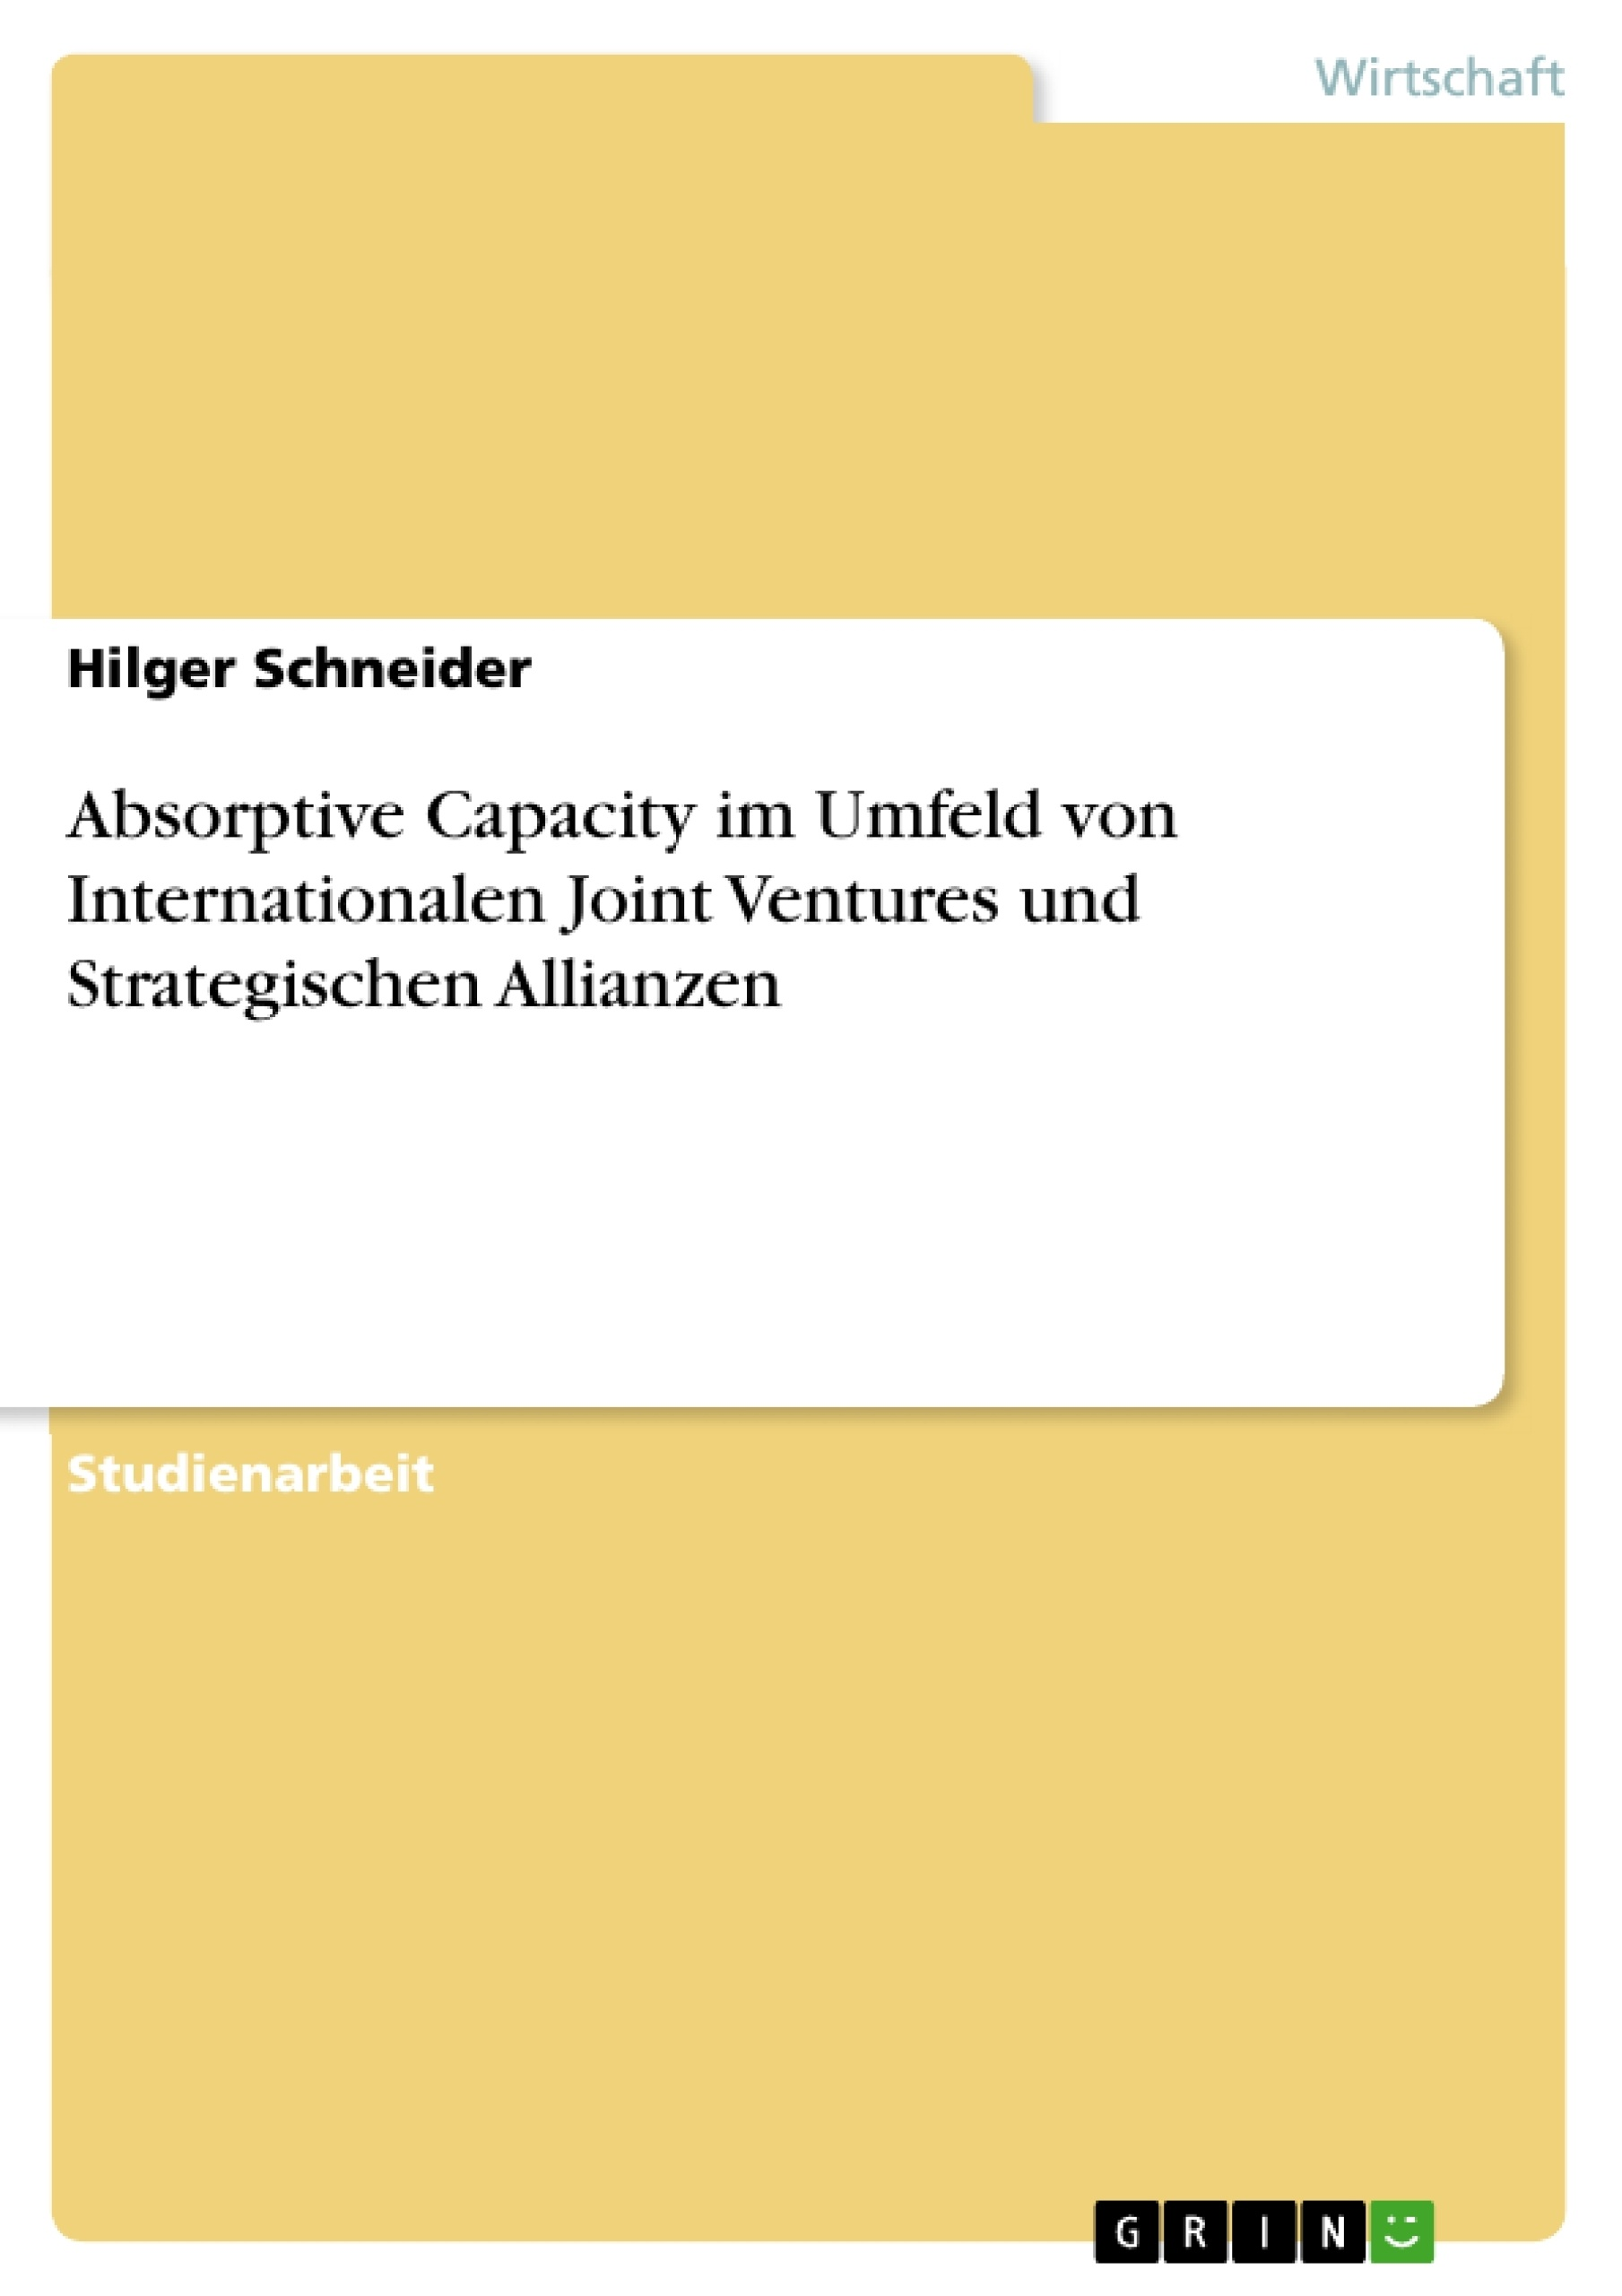 Titel: Absorptive Capacity im Umfeld von Internationalen Joint Ventures und Strategischen Allianzen